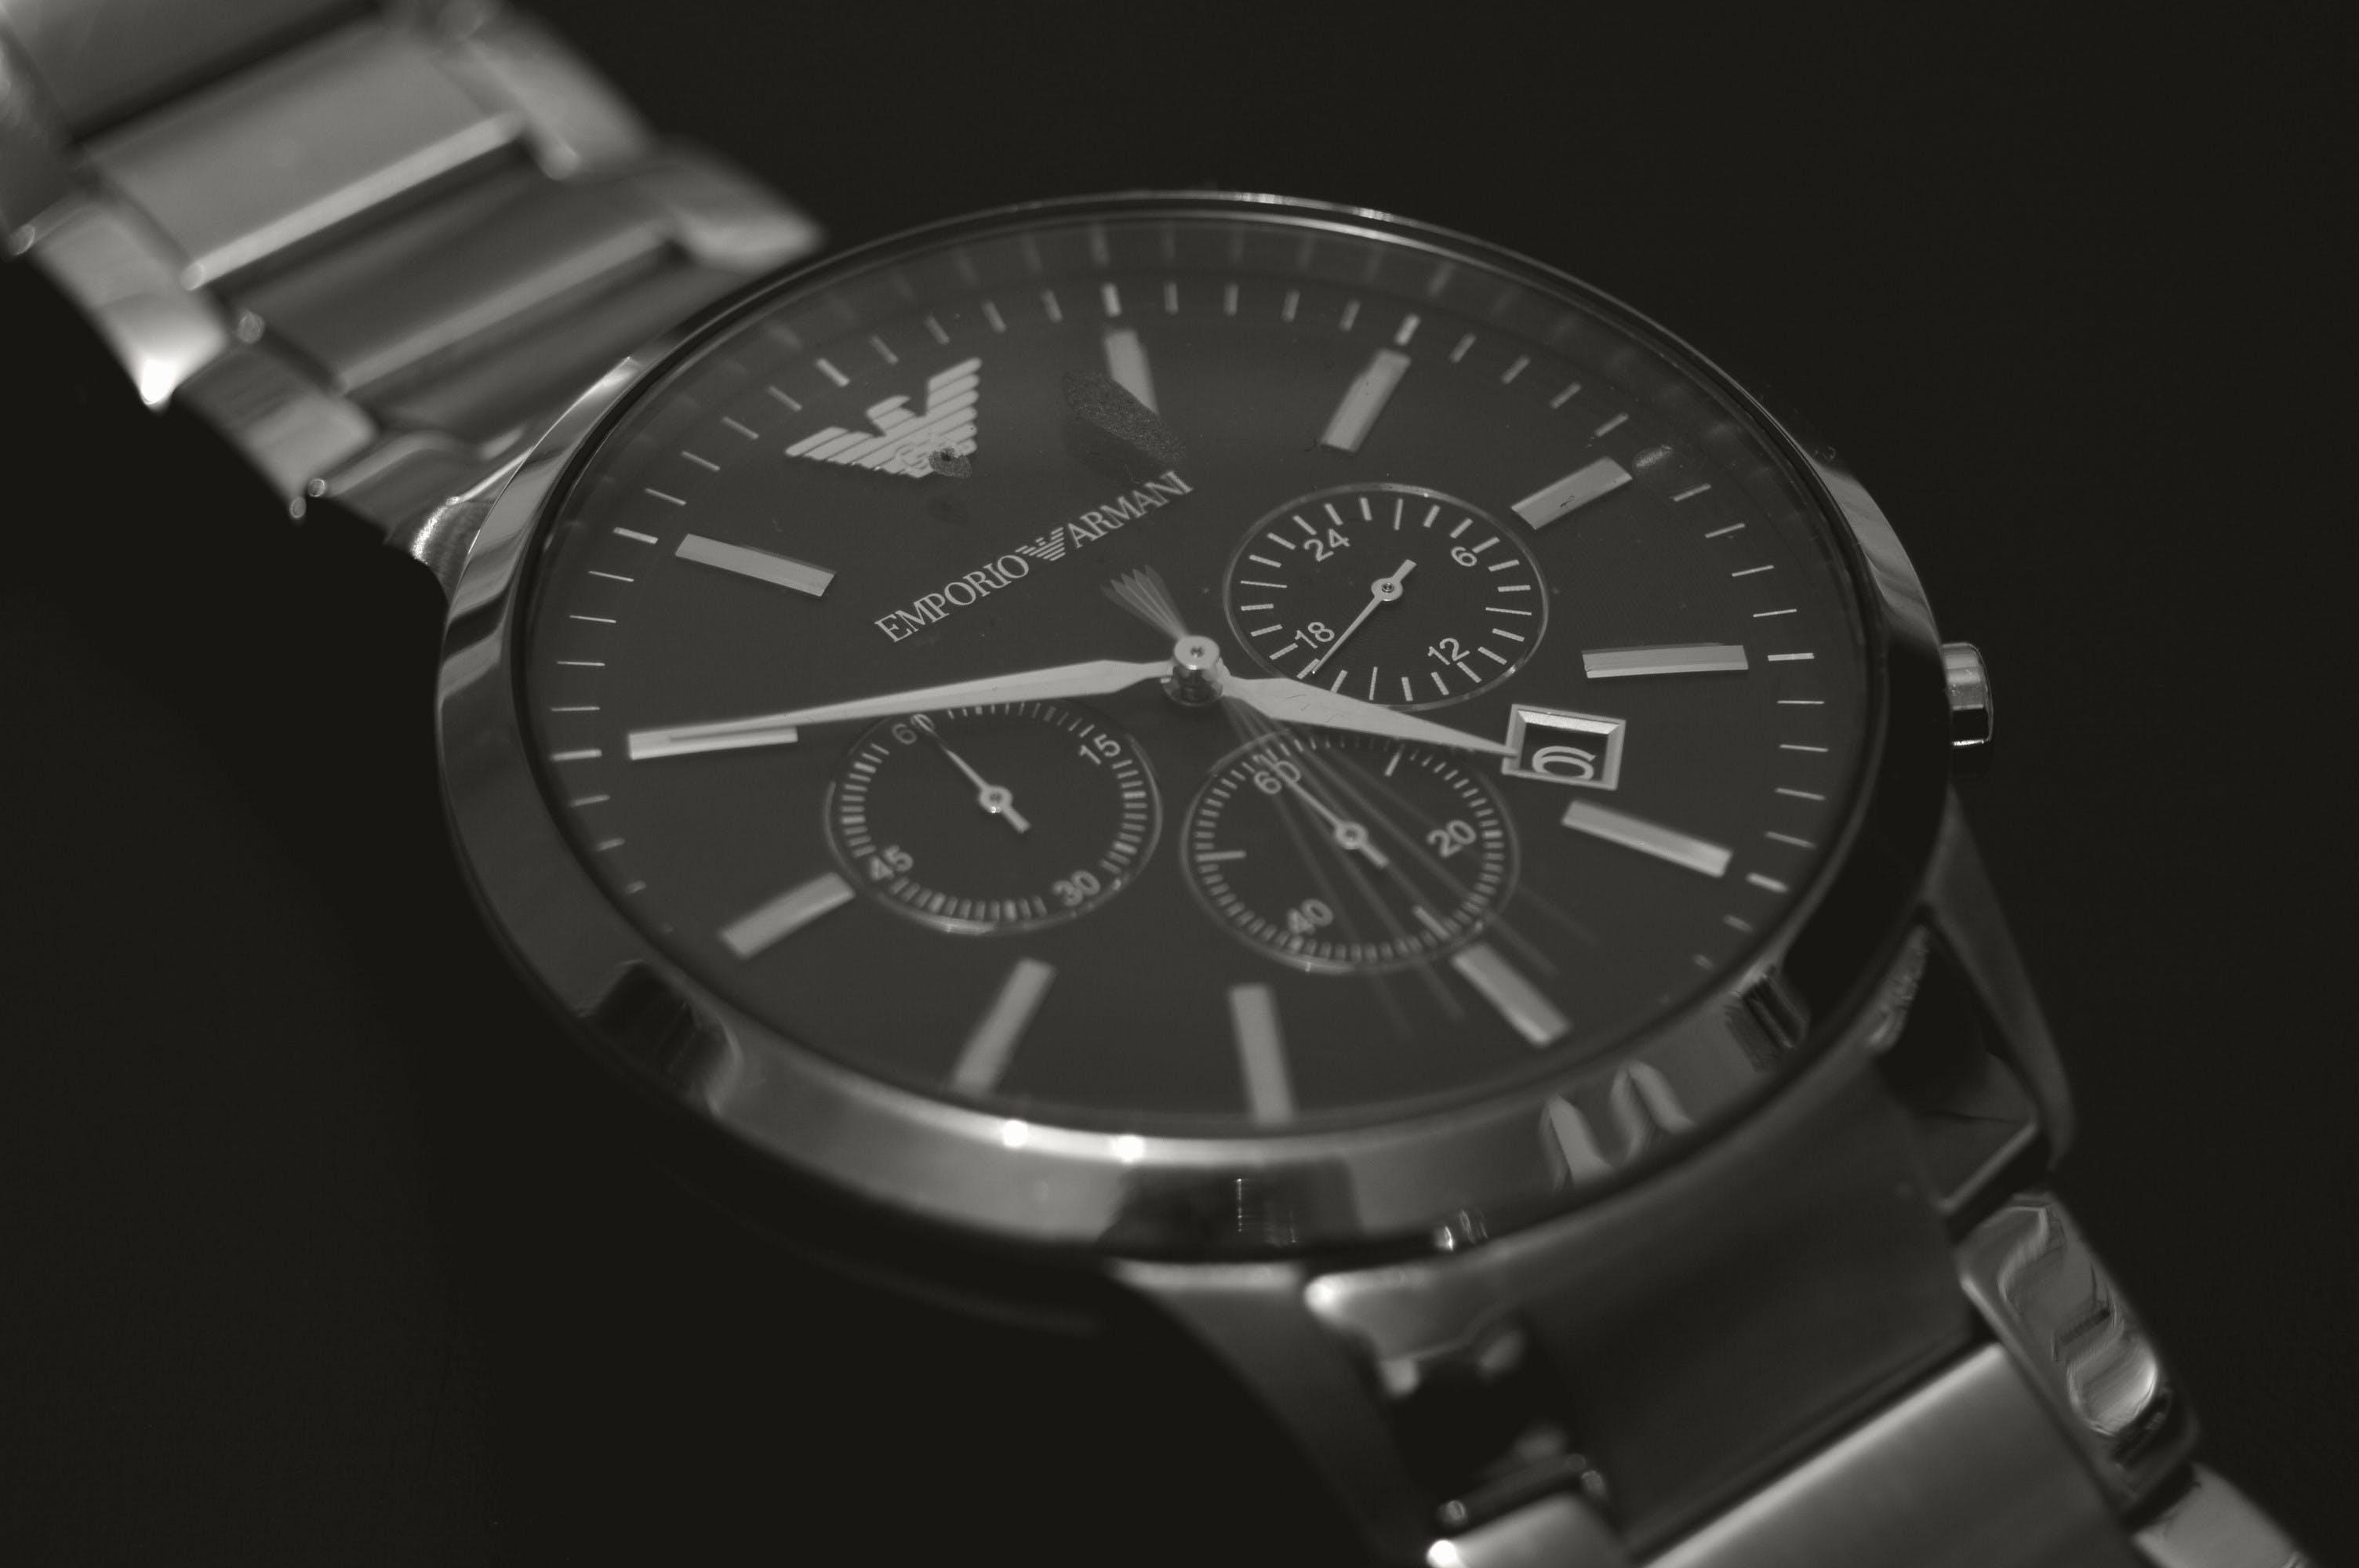 emporio armani, 倒數, 小時, 手錶 的 免费素材照片